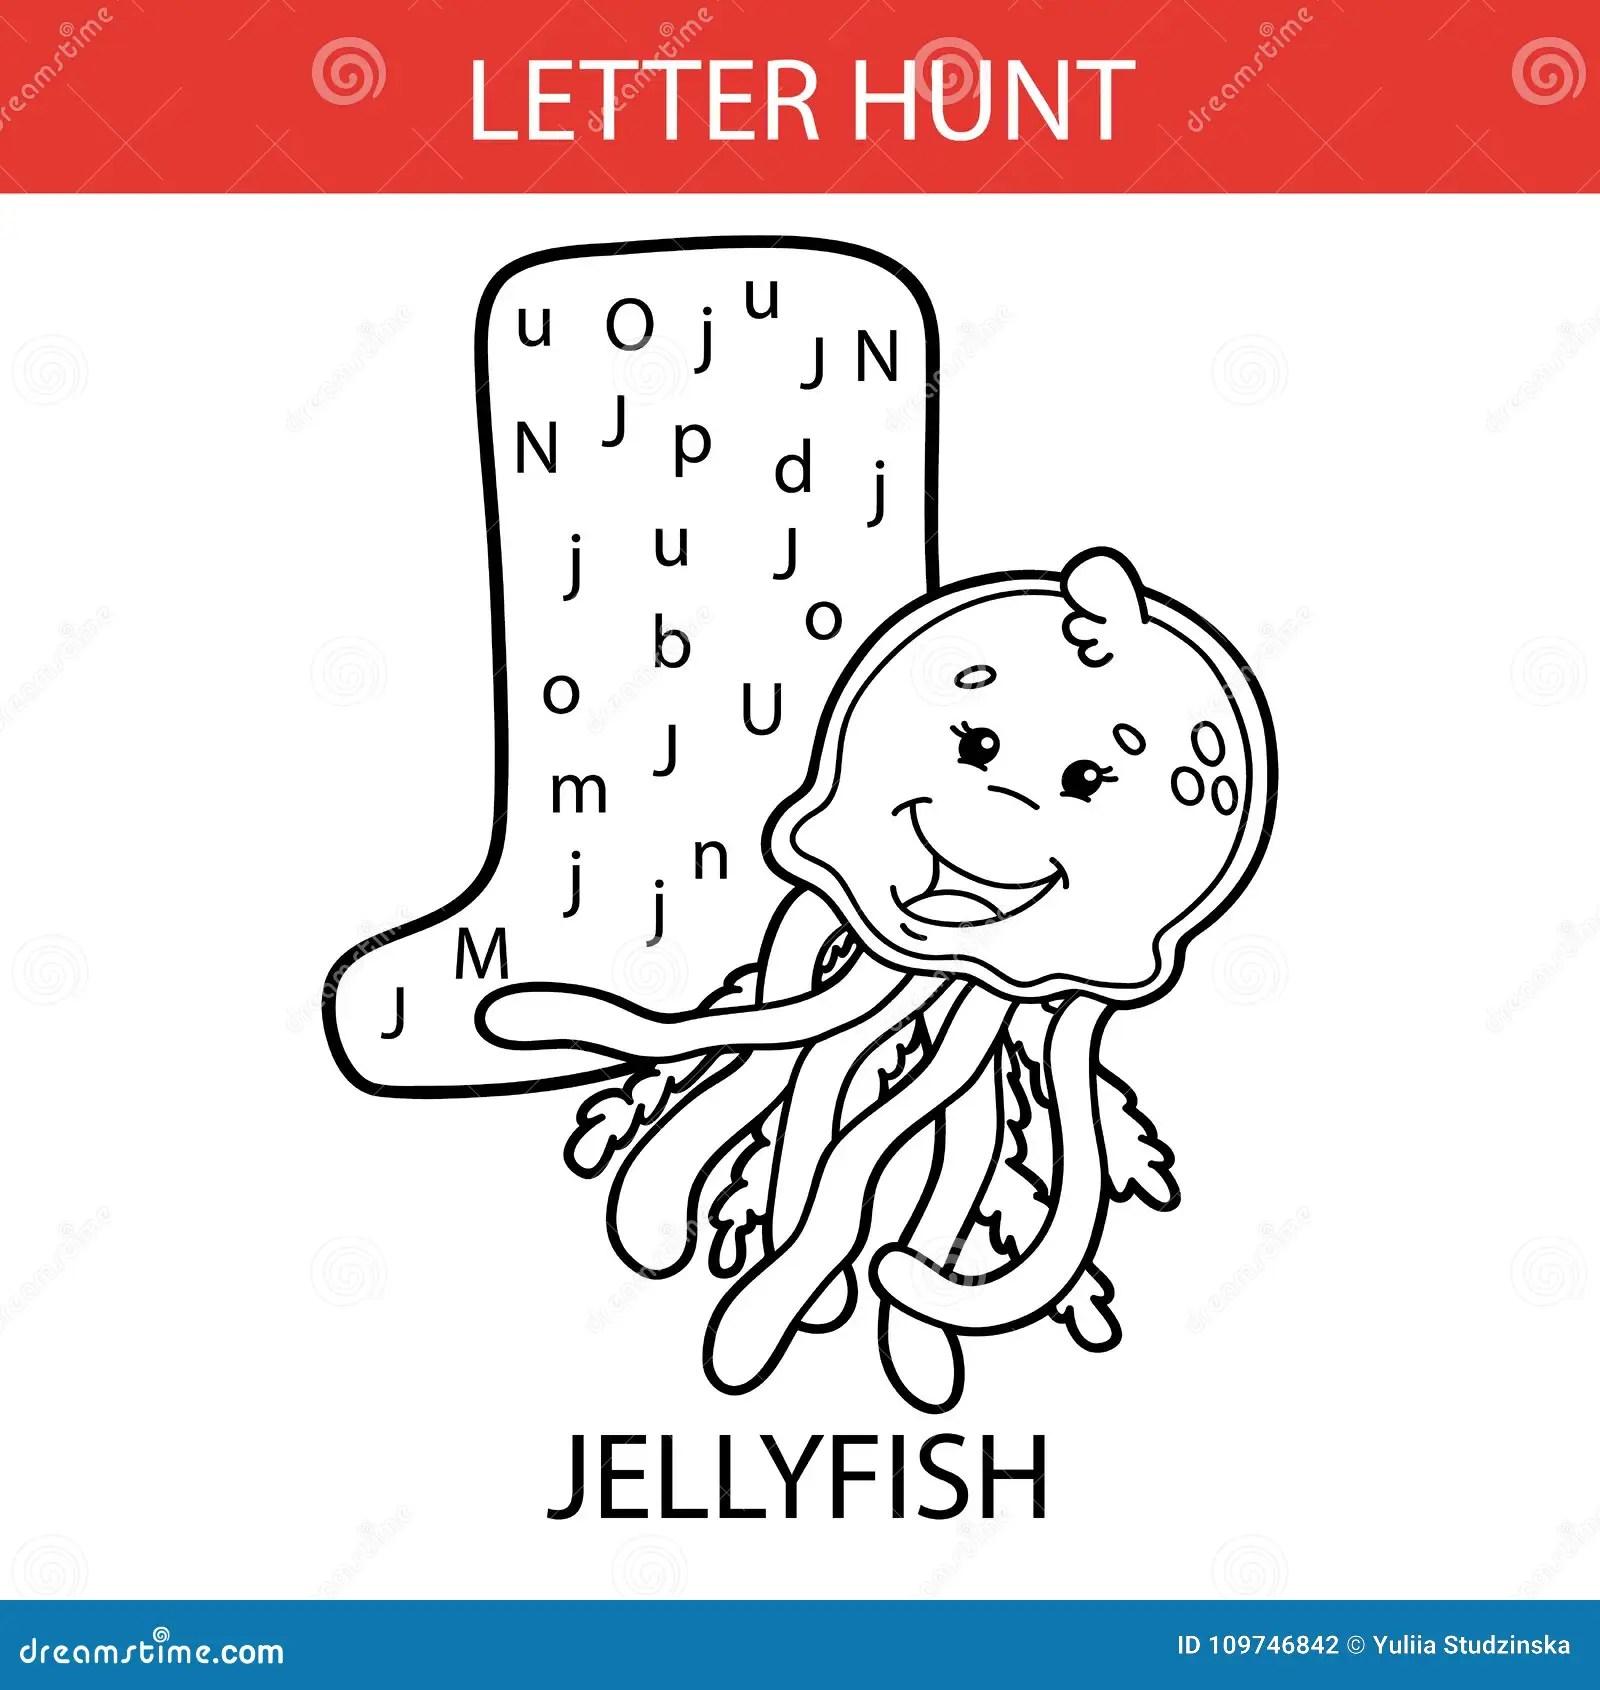 Animal Letter Hunt Jellyfish Stock Vector